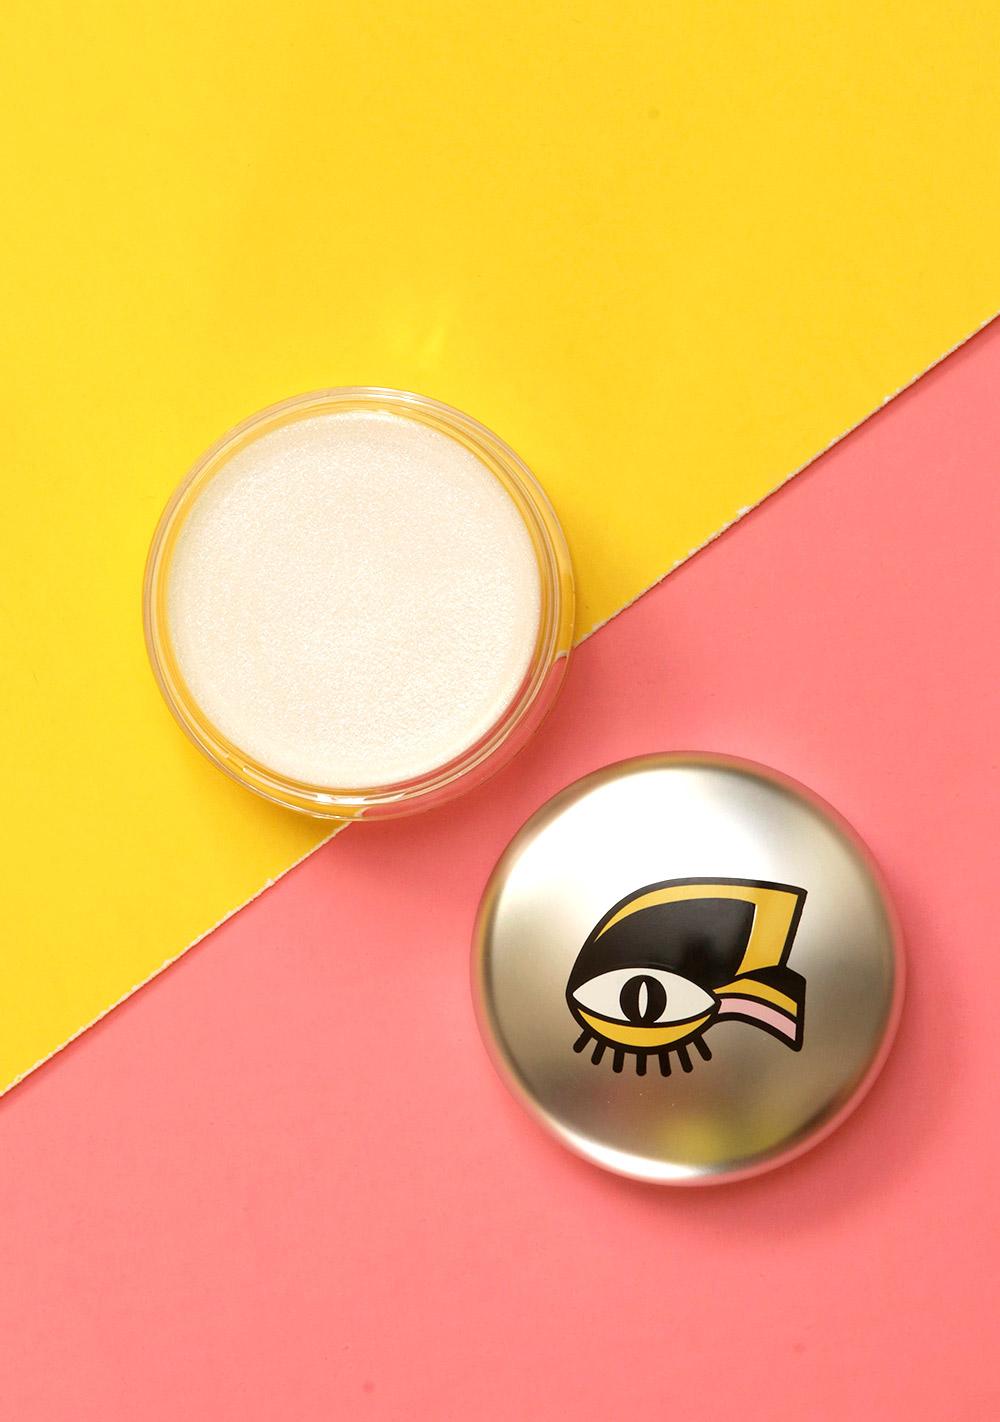 mac steve j yoni p studio eye gloss